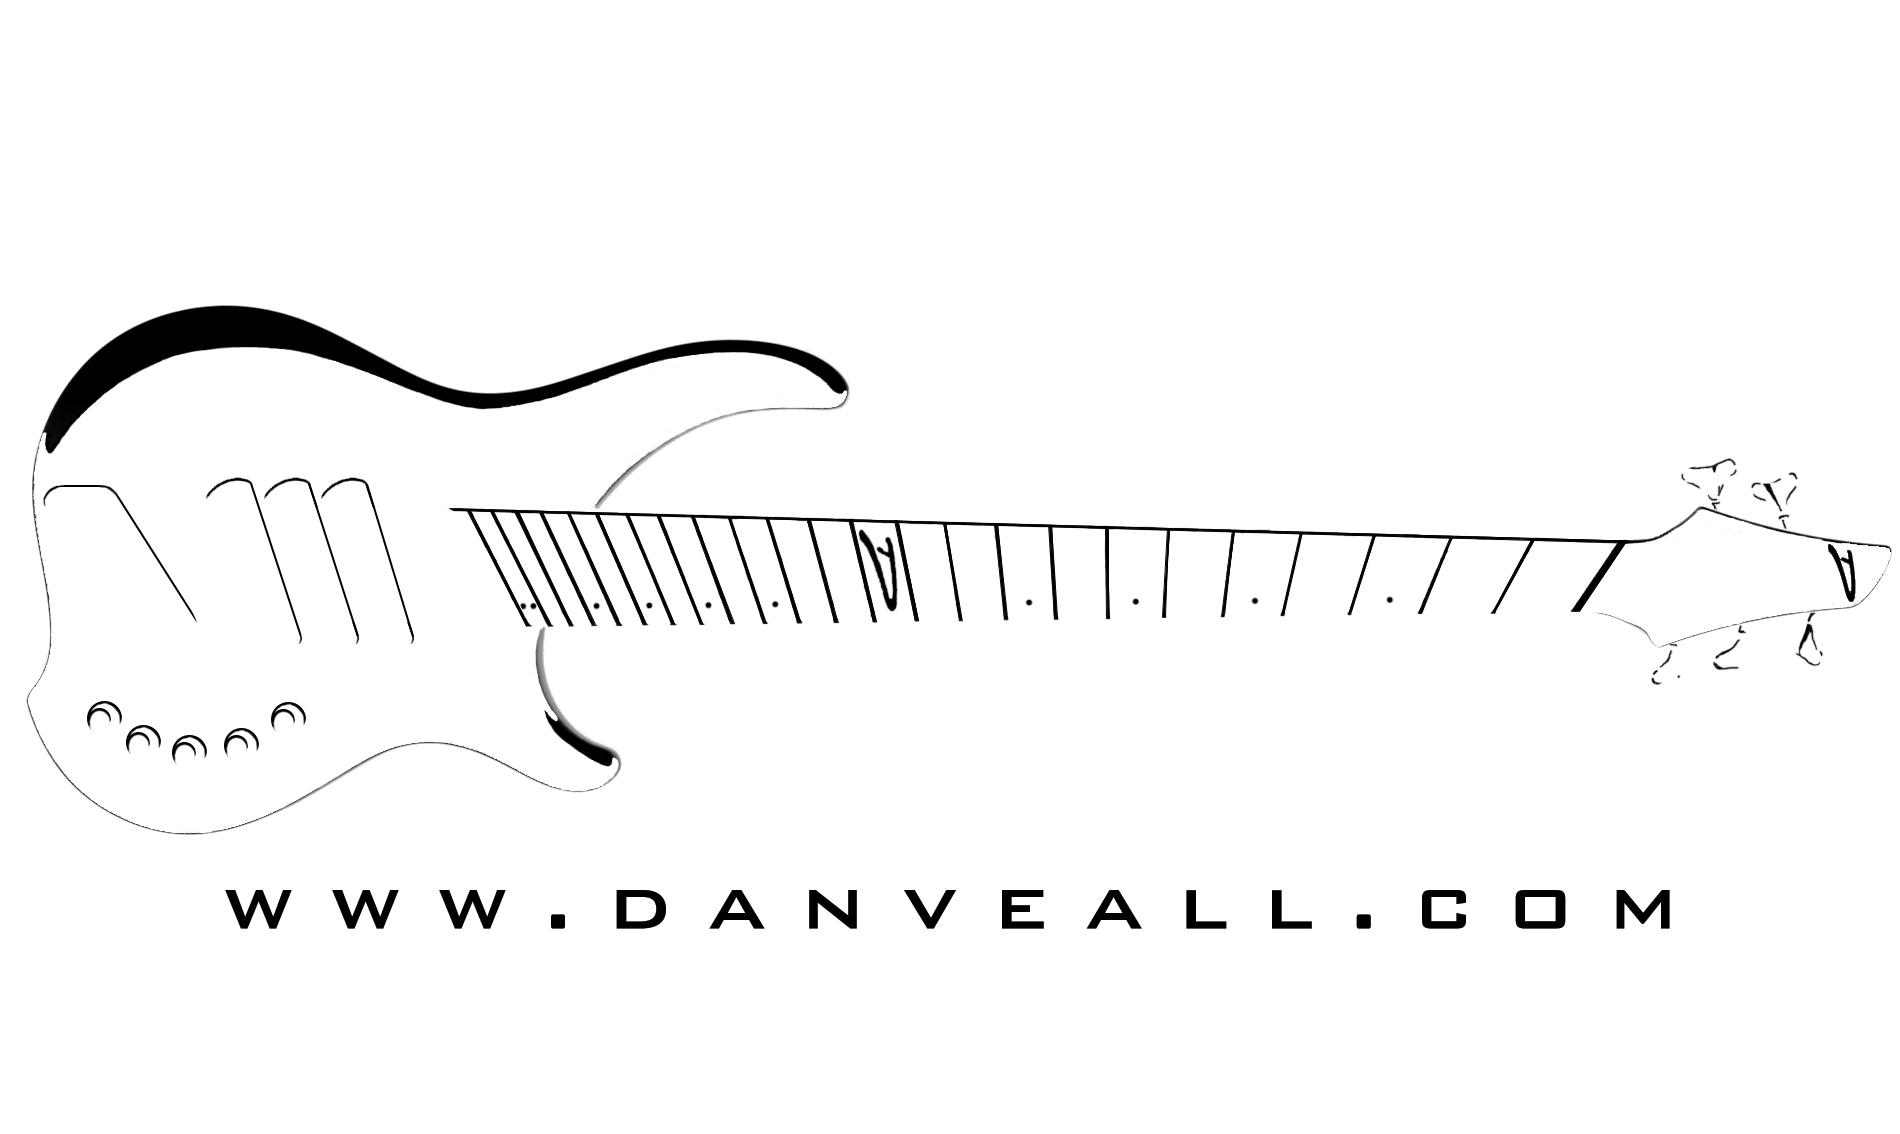 DanVeallLogo